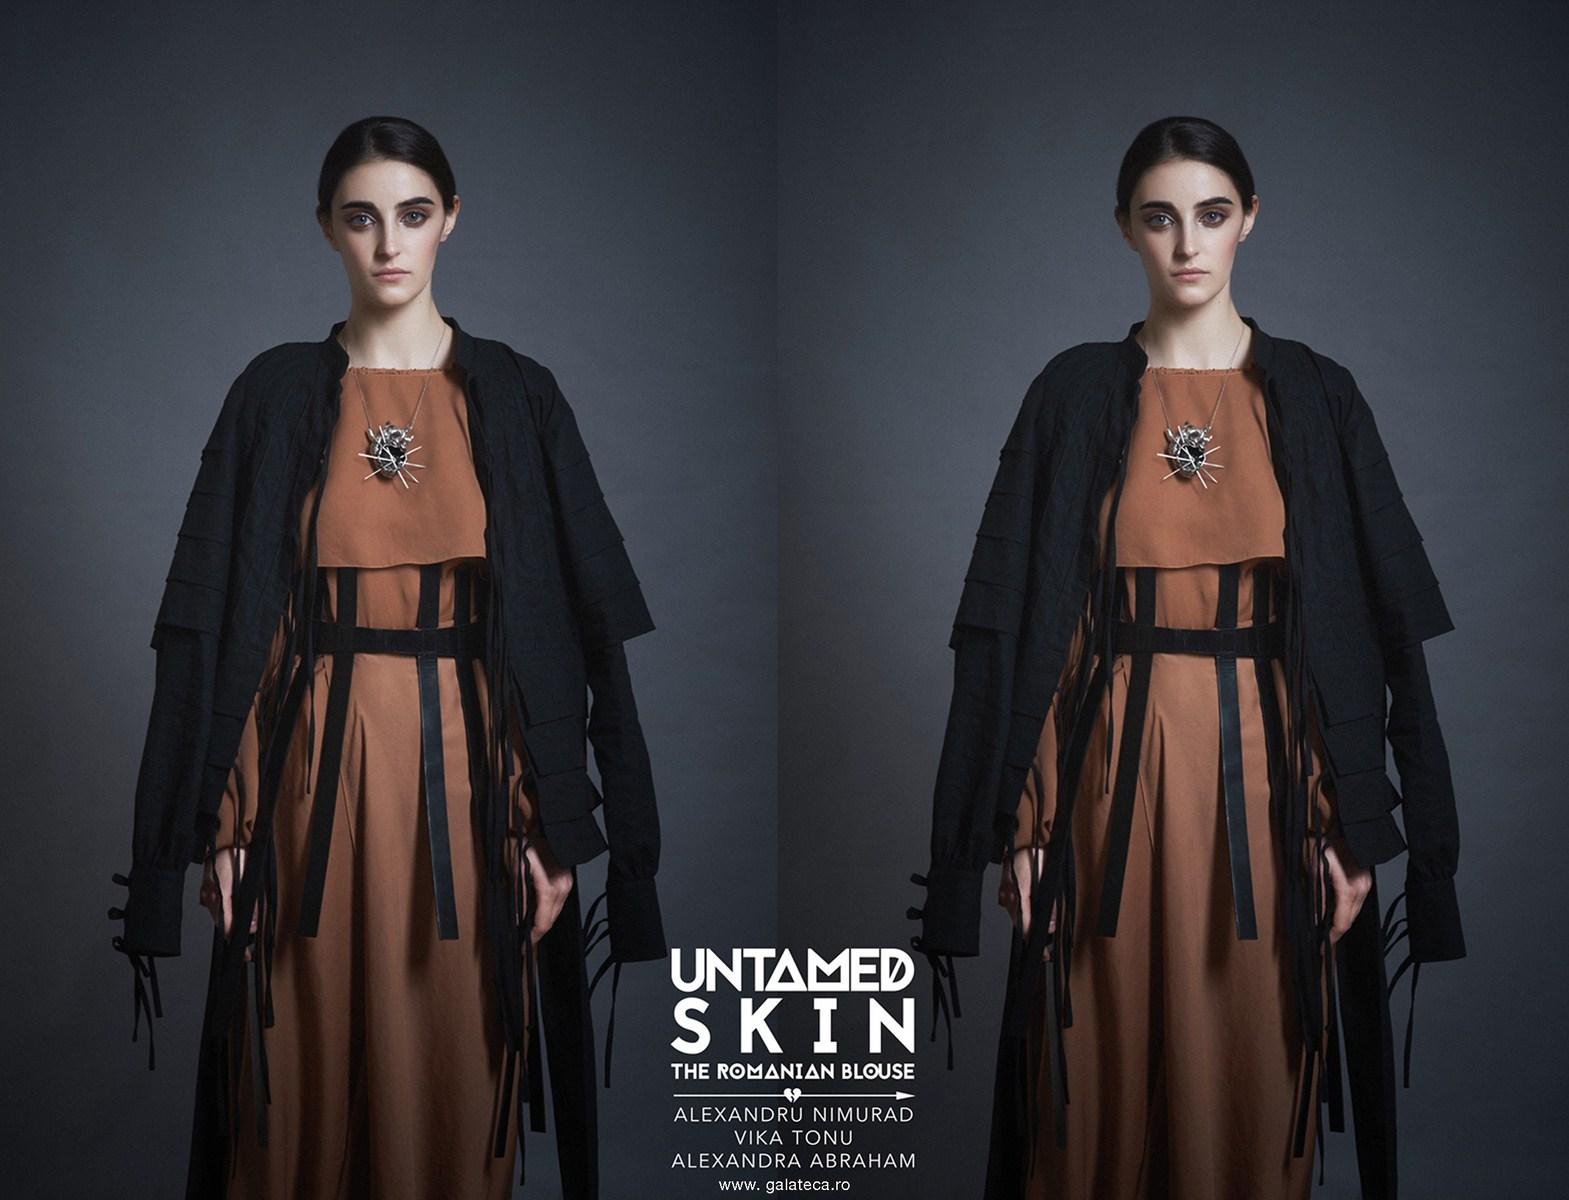 invite_Untamed_Skin.jpg